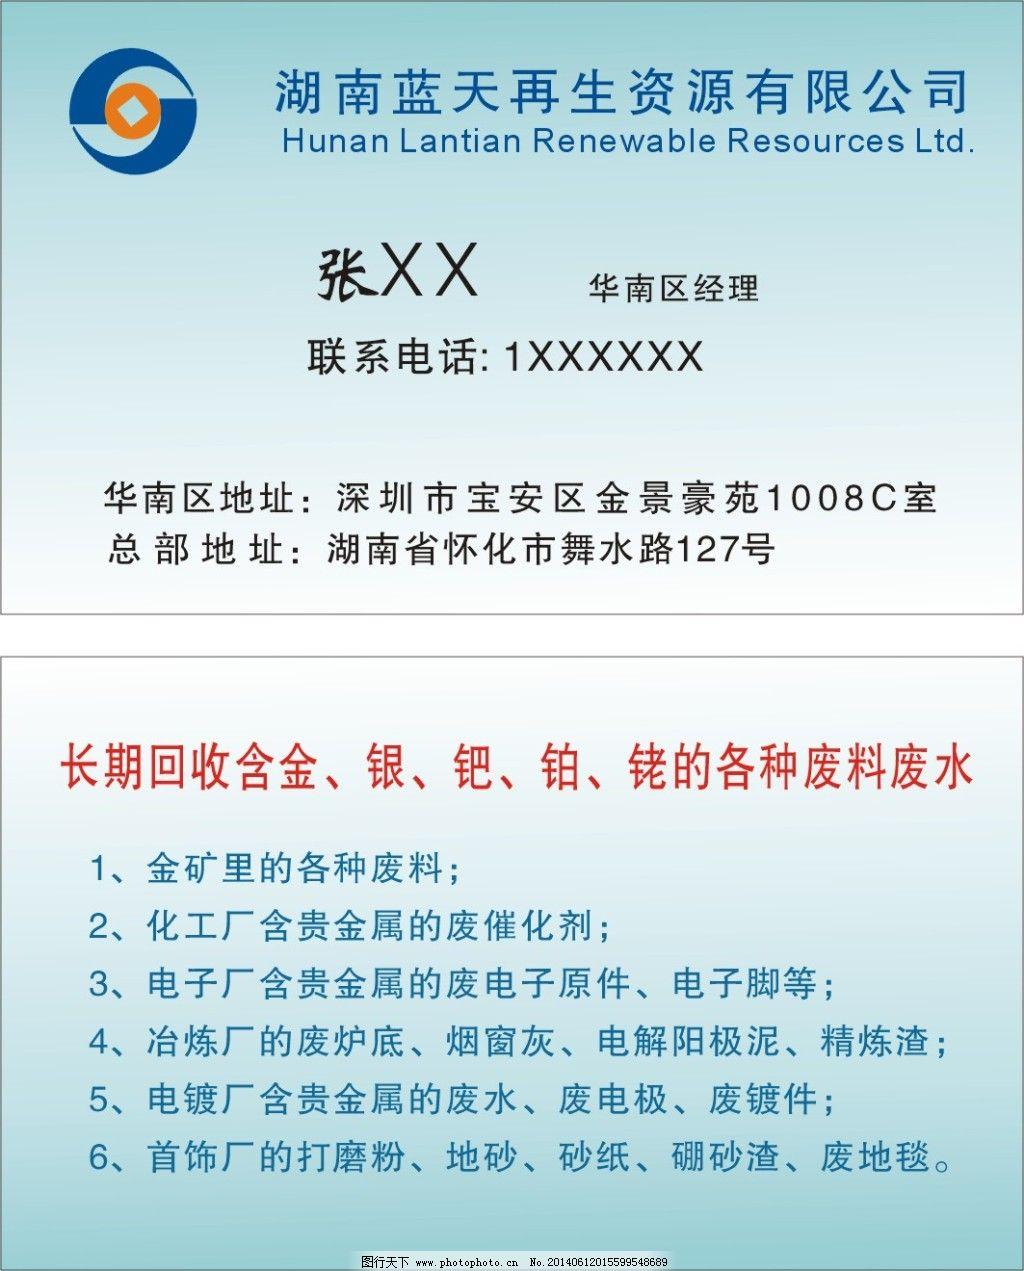 再生资源回收备案表_再生资源回收